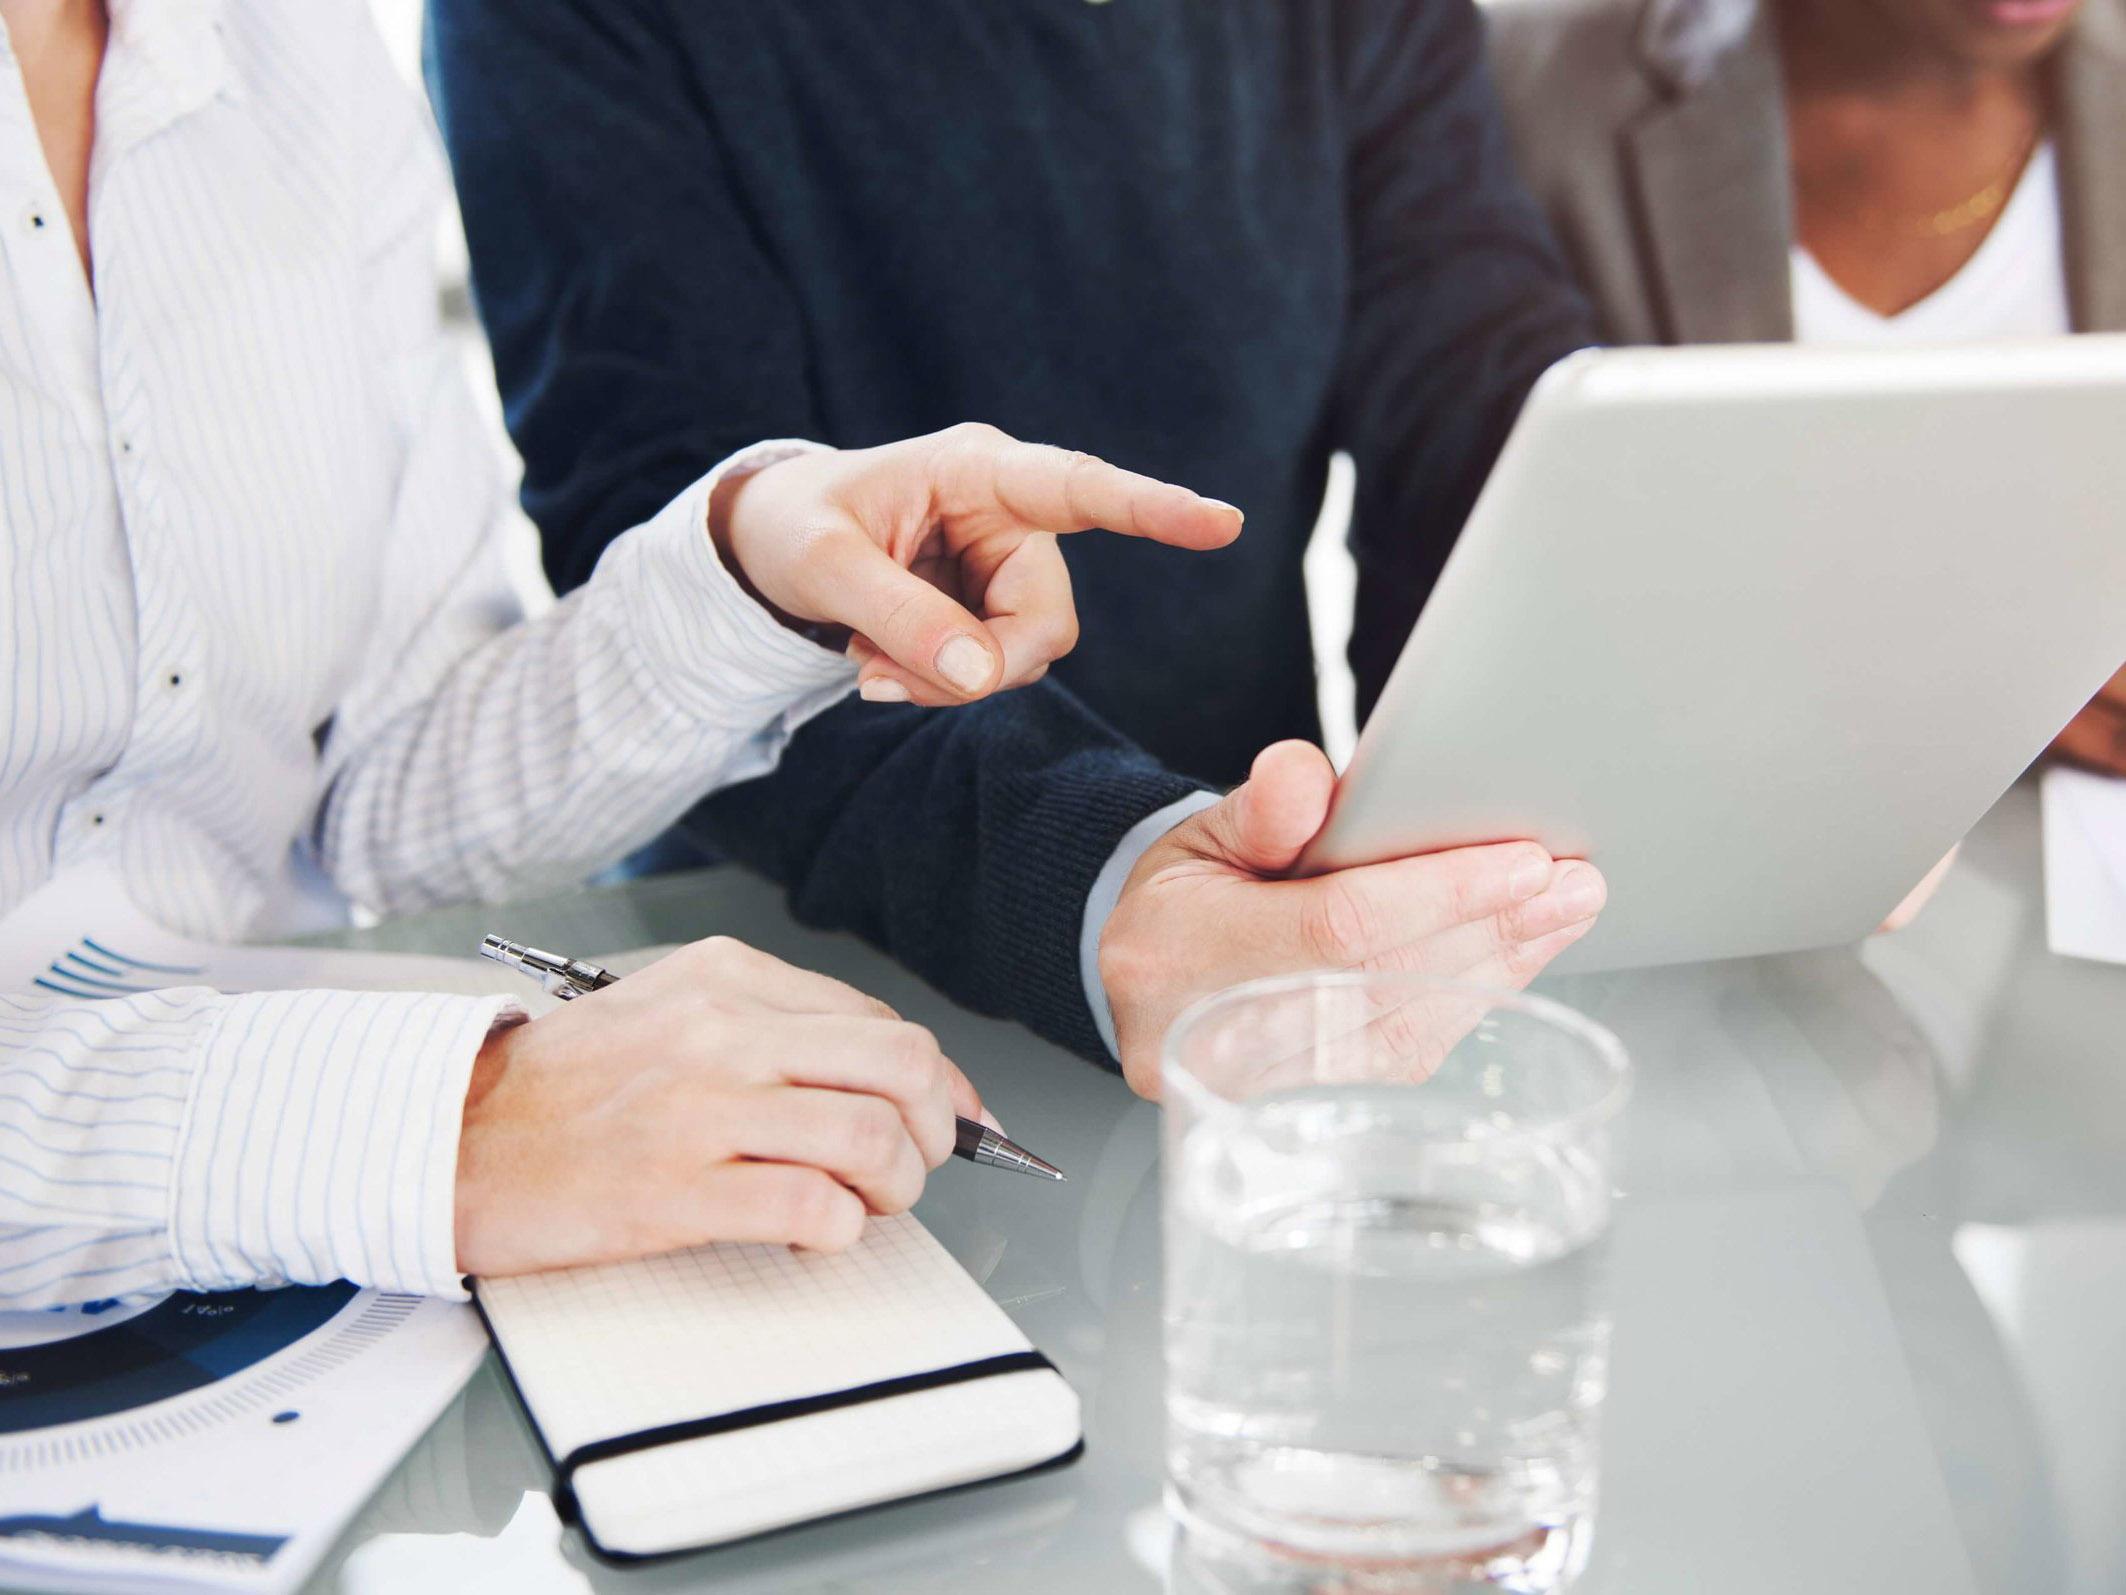 Investigación y UX - Queremos saber todo sobre su organización, sus objetivos y sus expectativas antes de iniciar un proyecto.